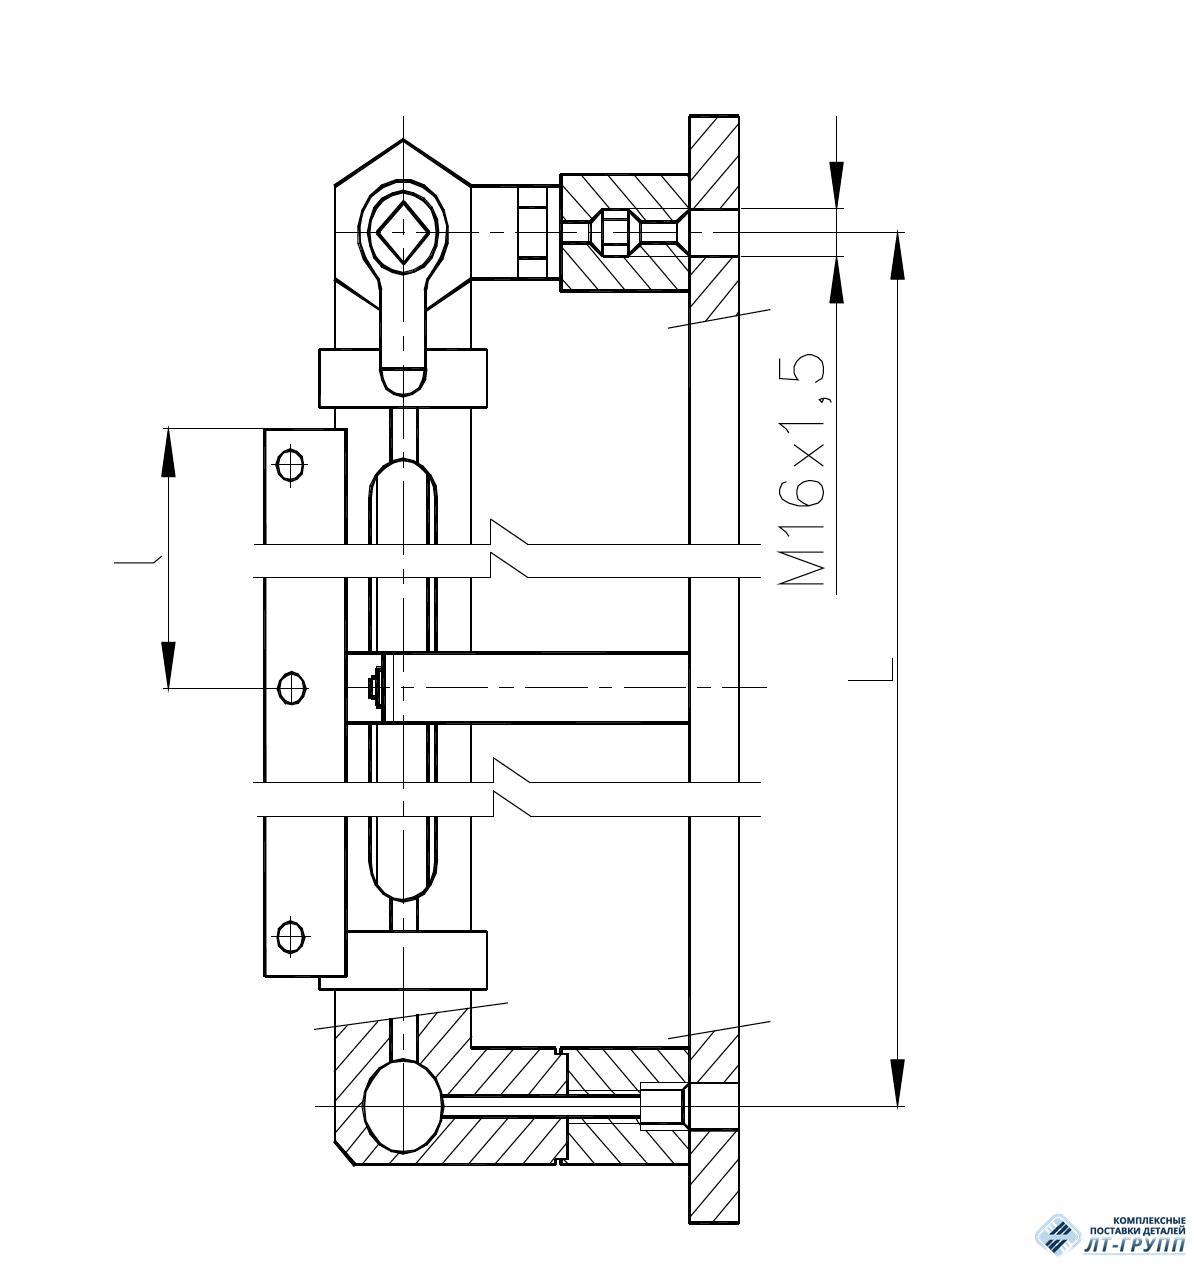 Колонки указательные бронзовые с цилиндрическим стеклом и двумя кранами по ОСТ 5Р.5419-79